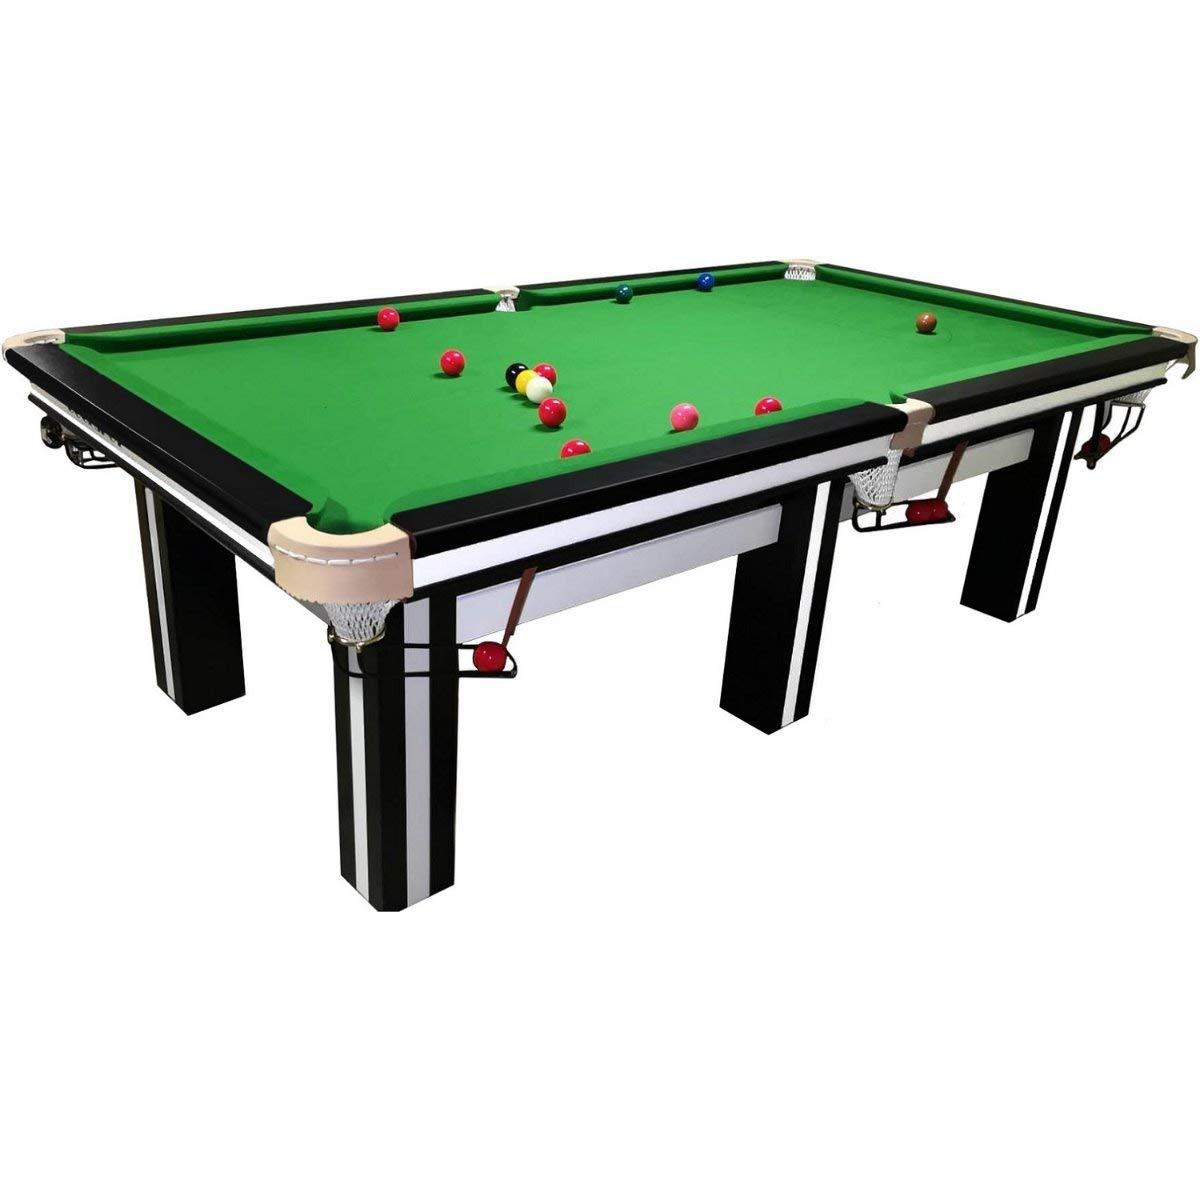 Buckshot - Mesa de billar (370 x 195 cm, tela verde de 12 patas, tablero de pizarra de 36 mm, 990 kg), color blanco y negro: Amazon.es: Deportes y aire libre